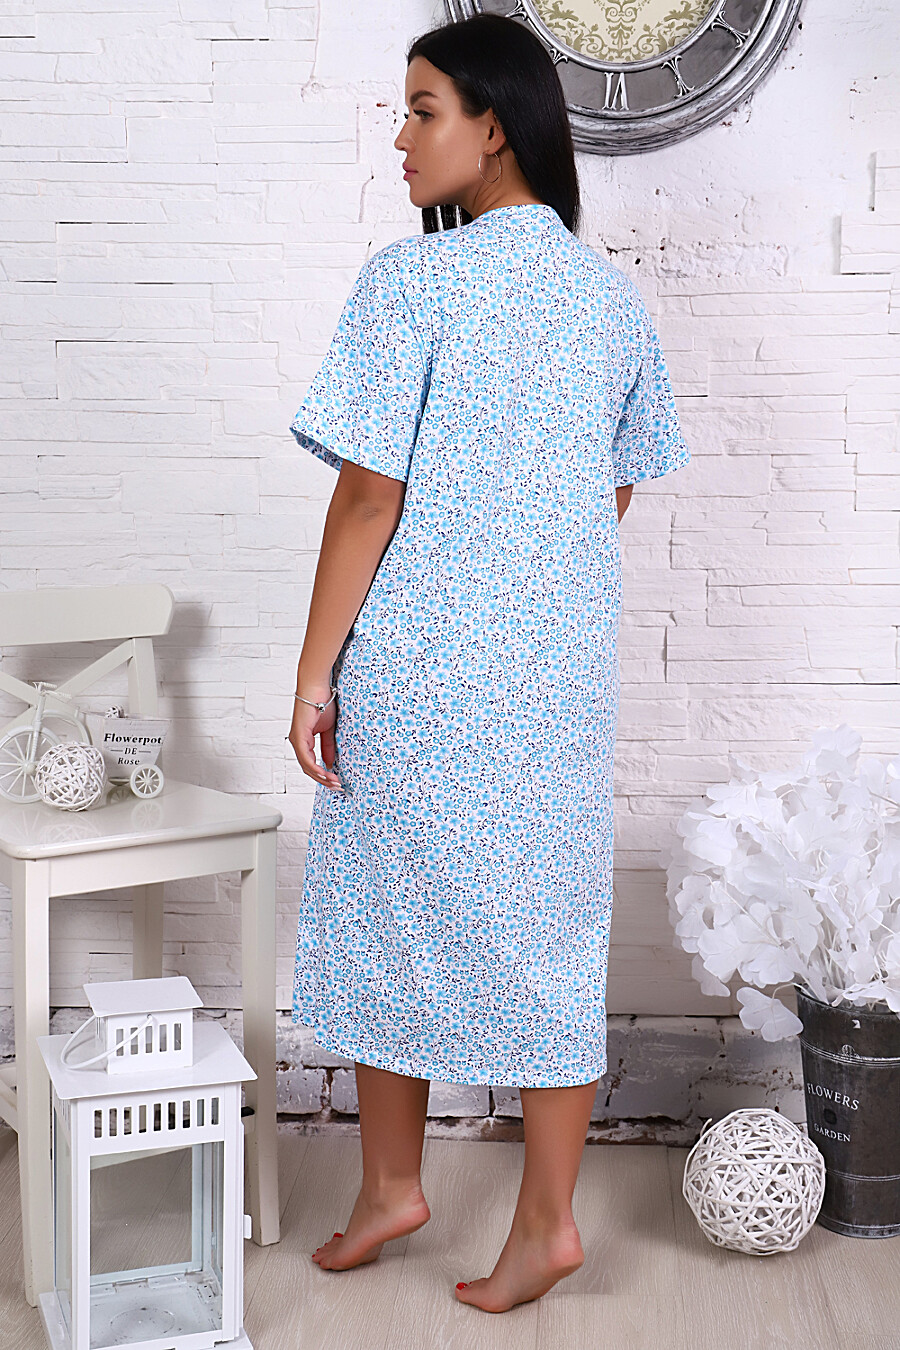 Сорочка 15525 для женщин НАТАЛИ 649337 купить оптом от производителя. Совместная покупка женской одежды в OptMoyo